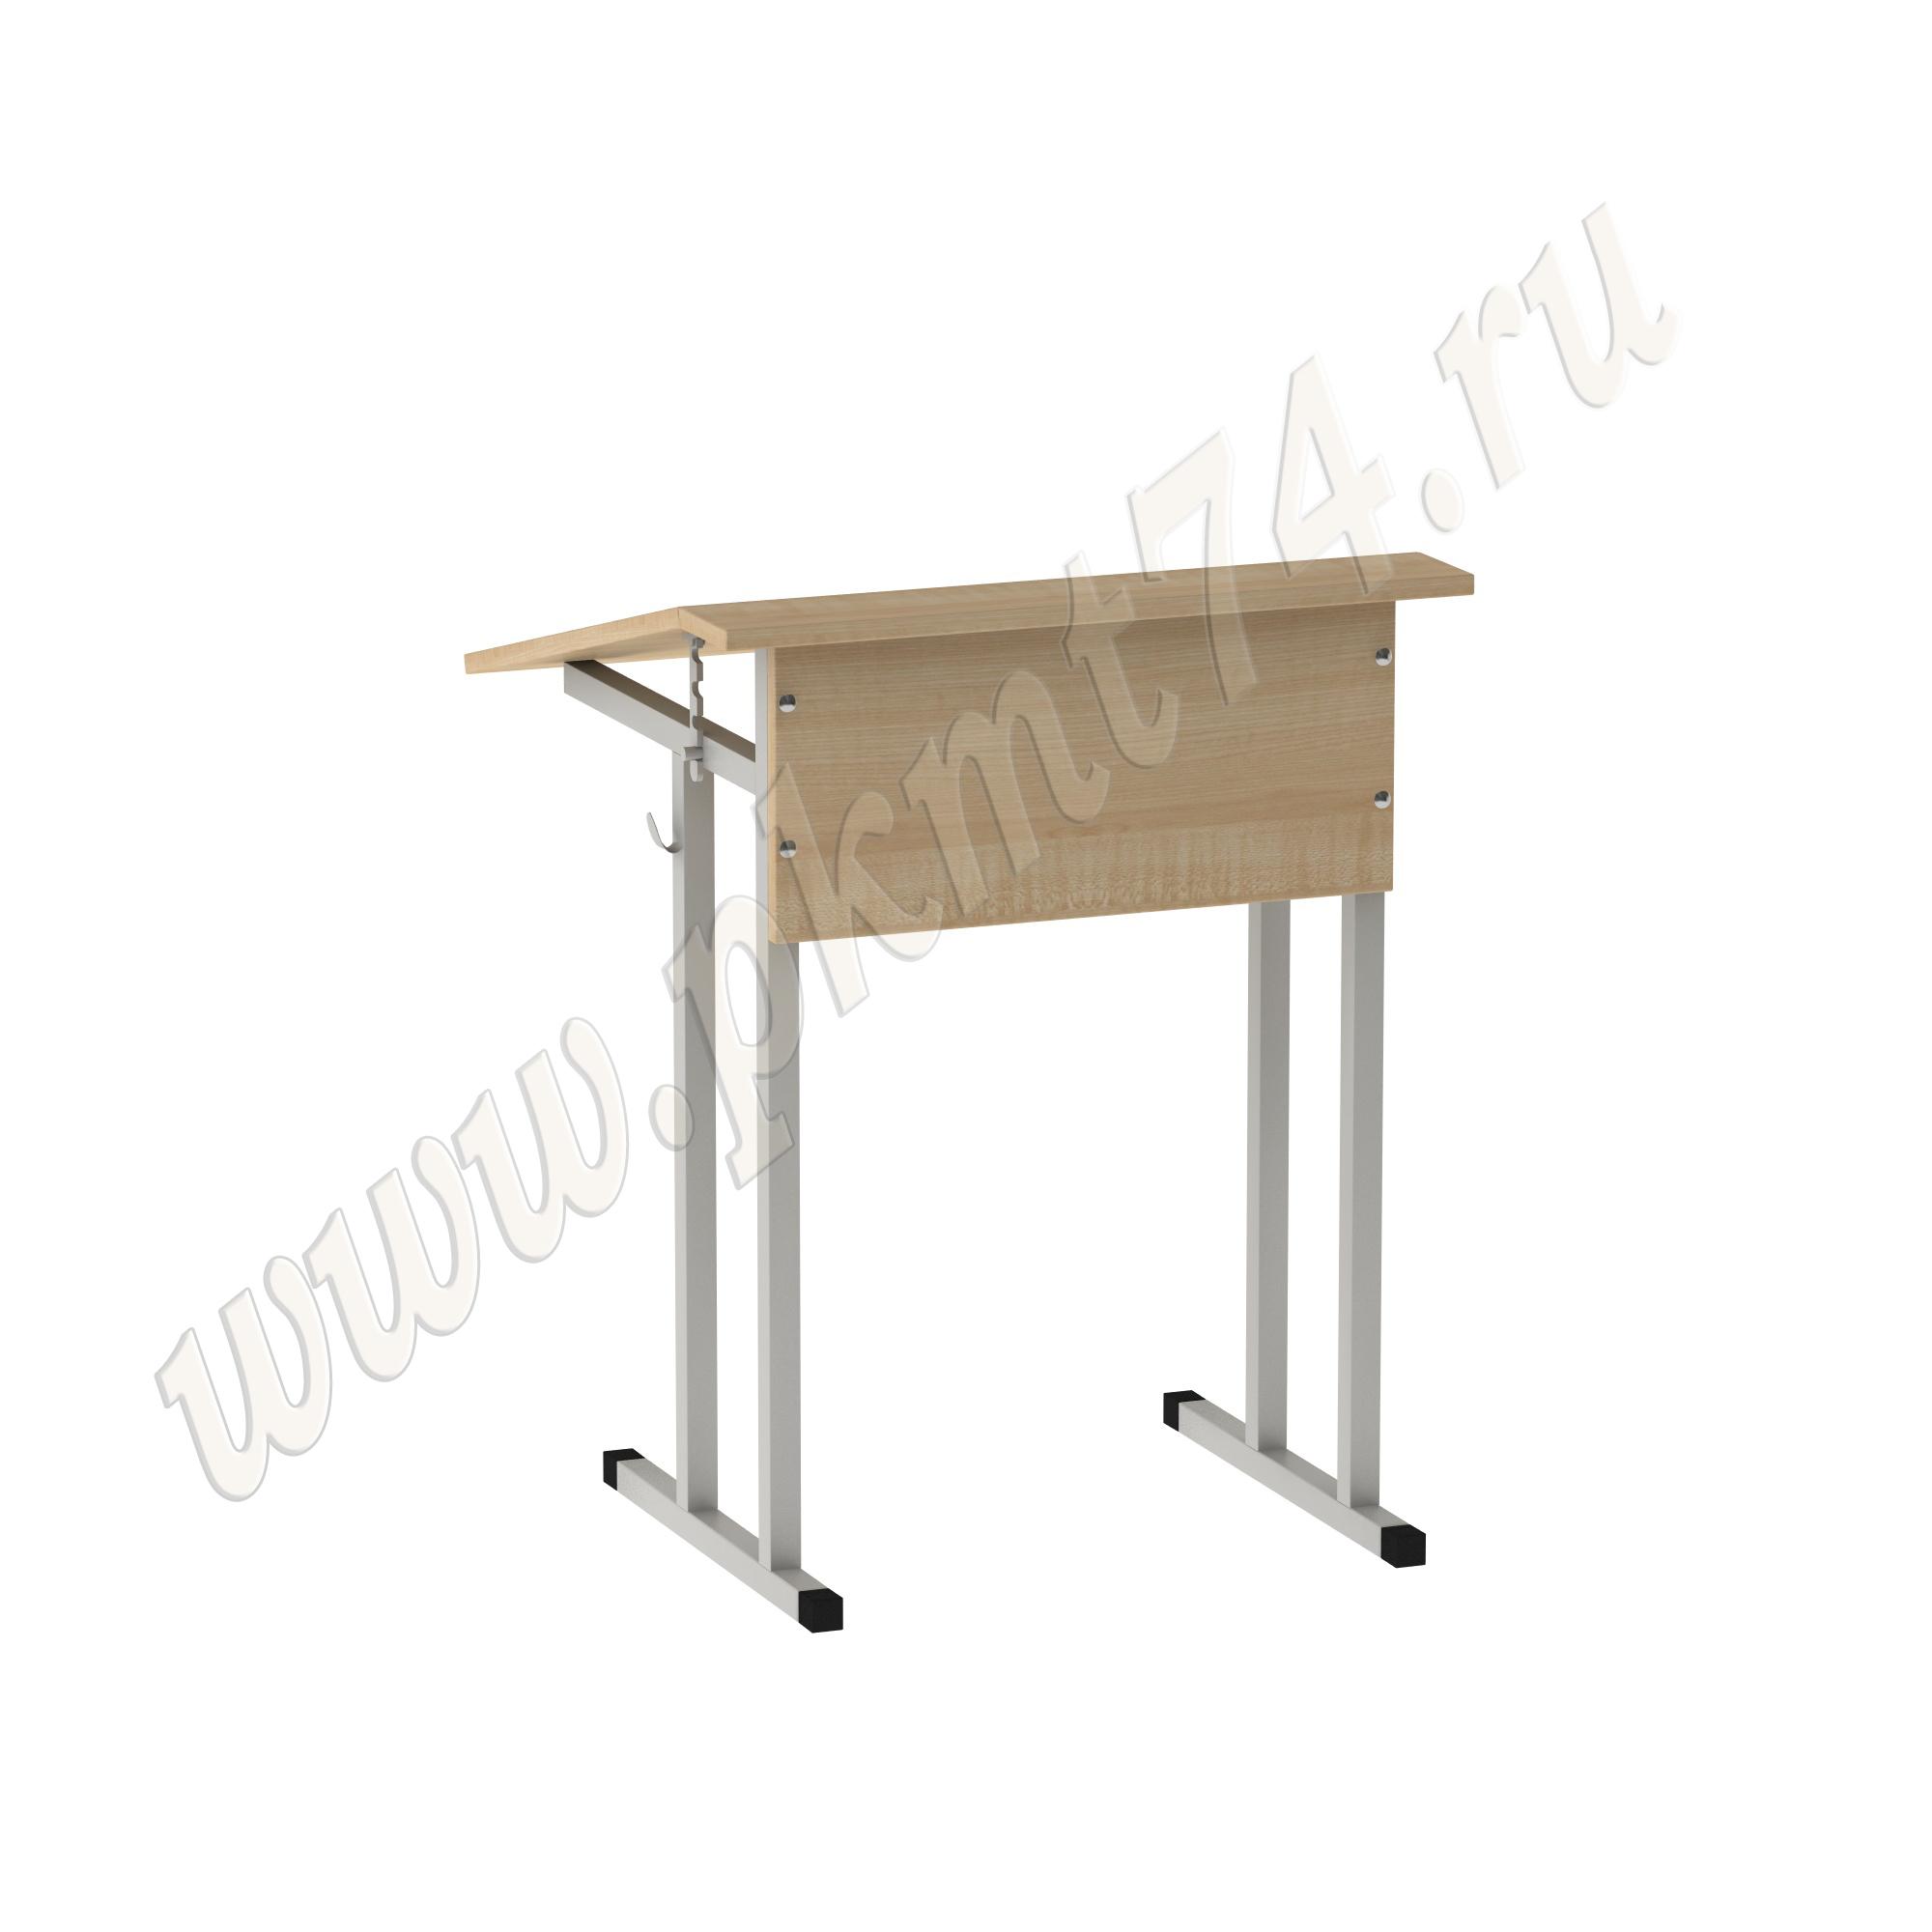 Стол ученический одноместный с регулируемым углом [Цвет ЛДСП:: Клён]